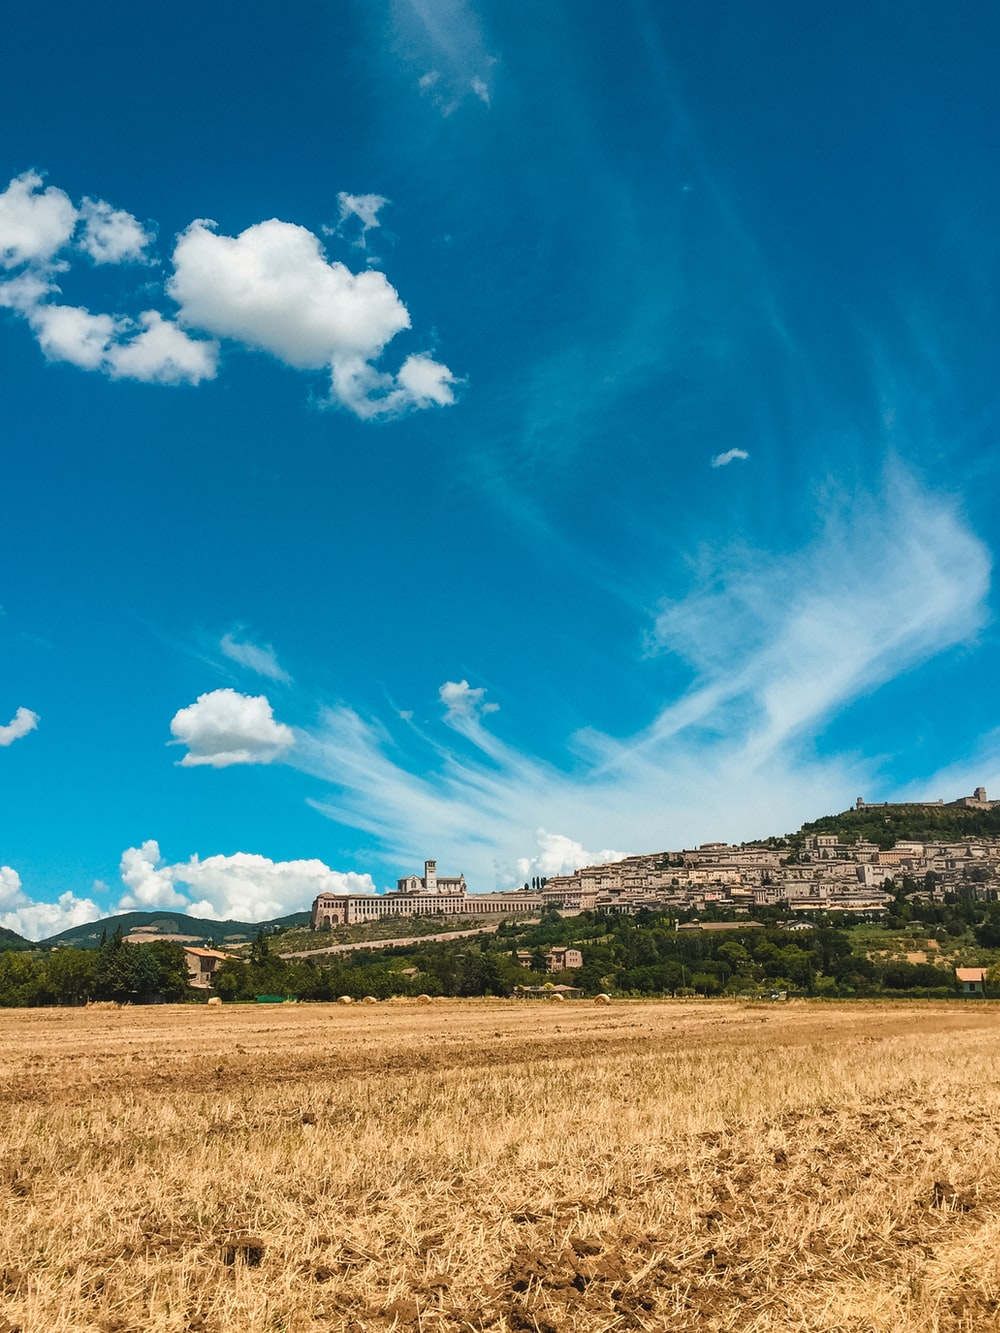 grass field near buildings under blue sky